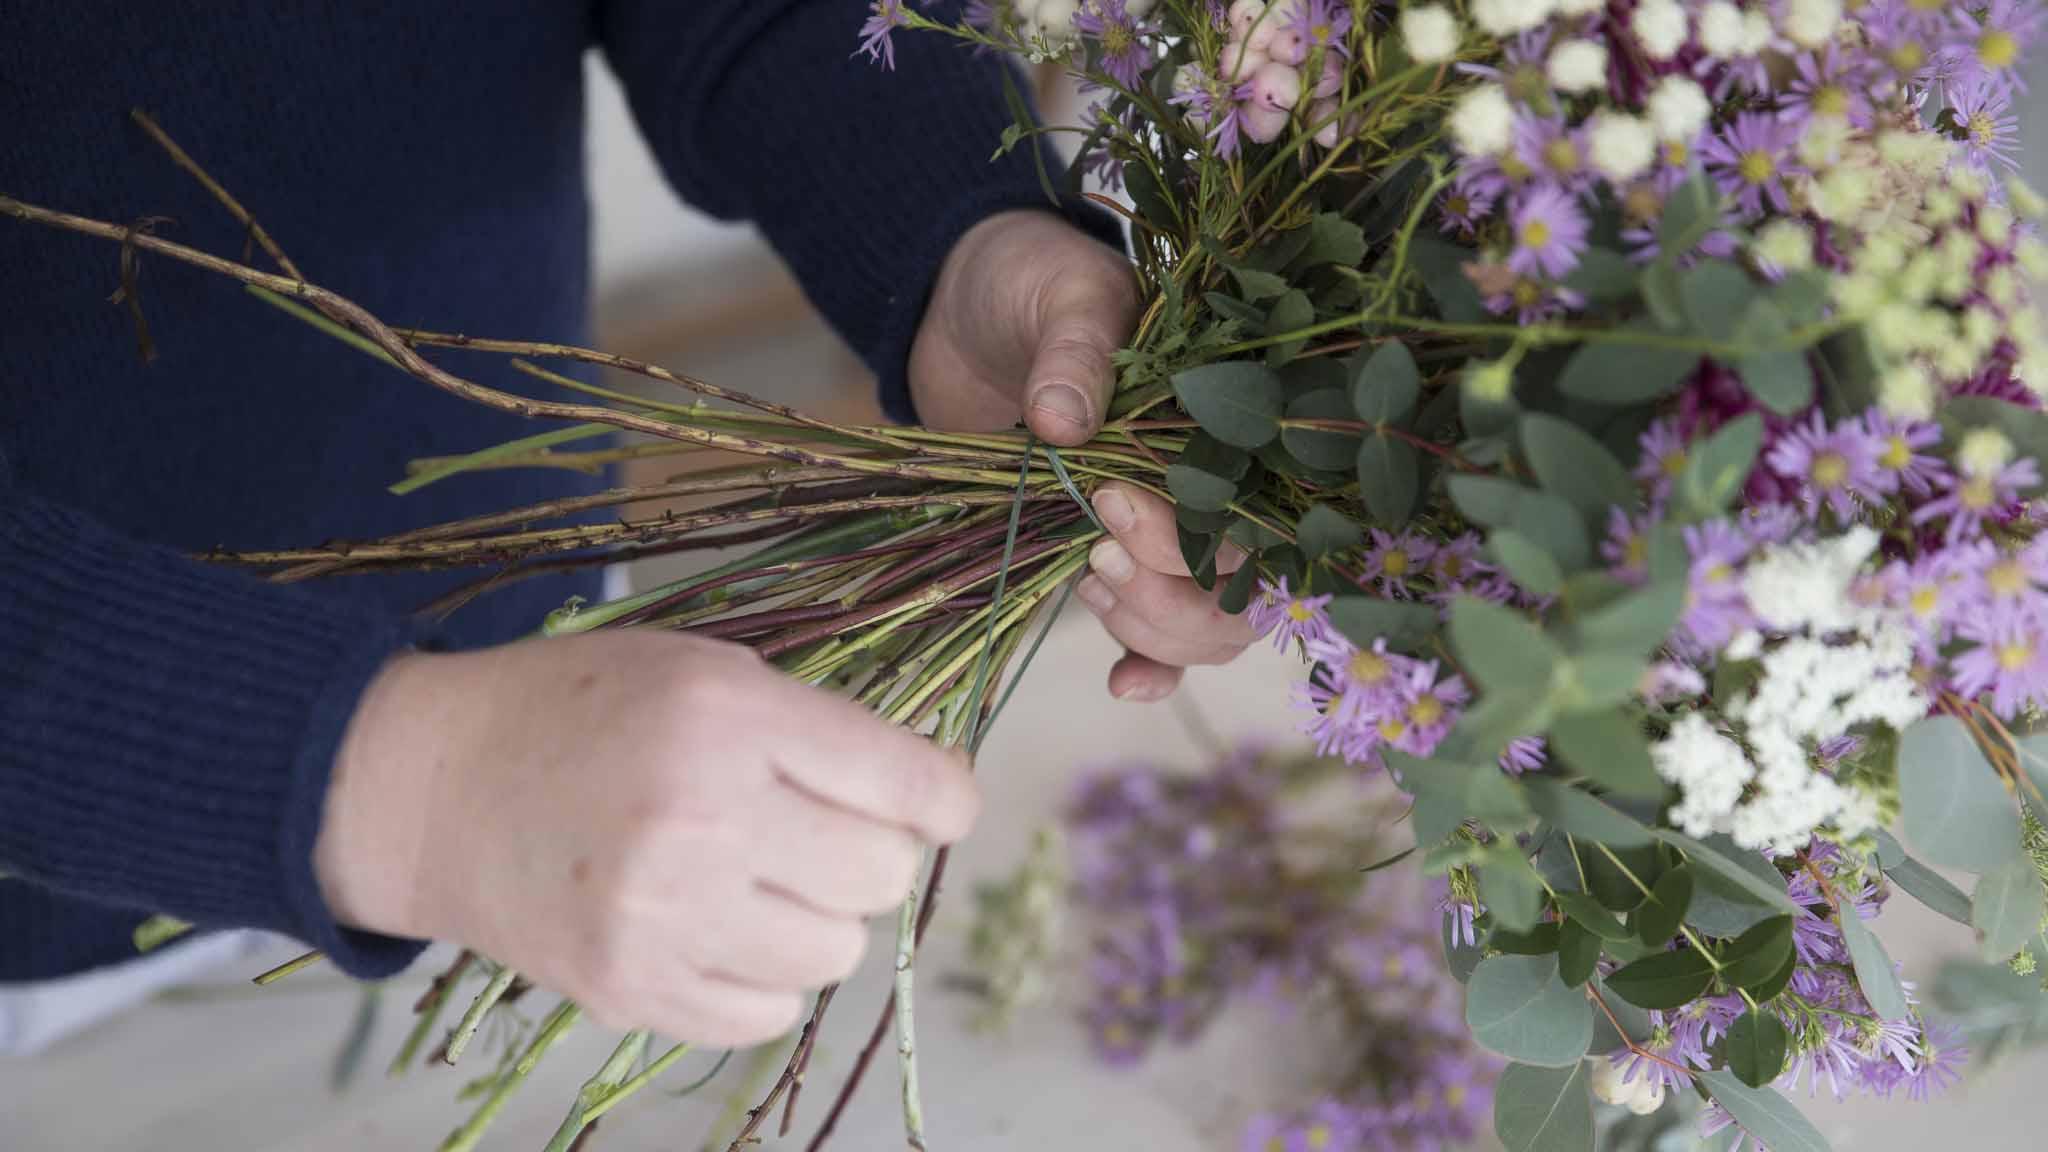 Teamevent von hoponopo I Blumen binden I Jetzt ausprobieren